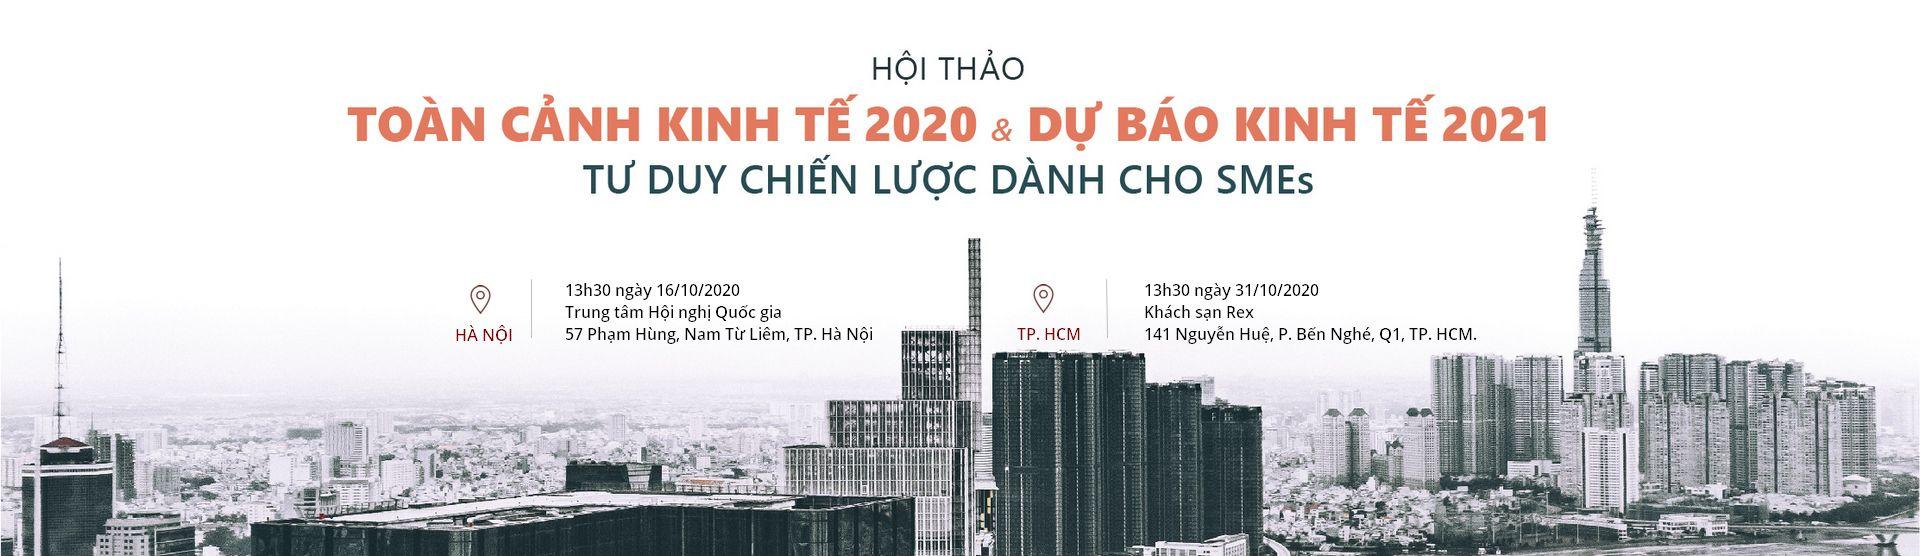 Hội thảo kinh tế 2020